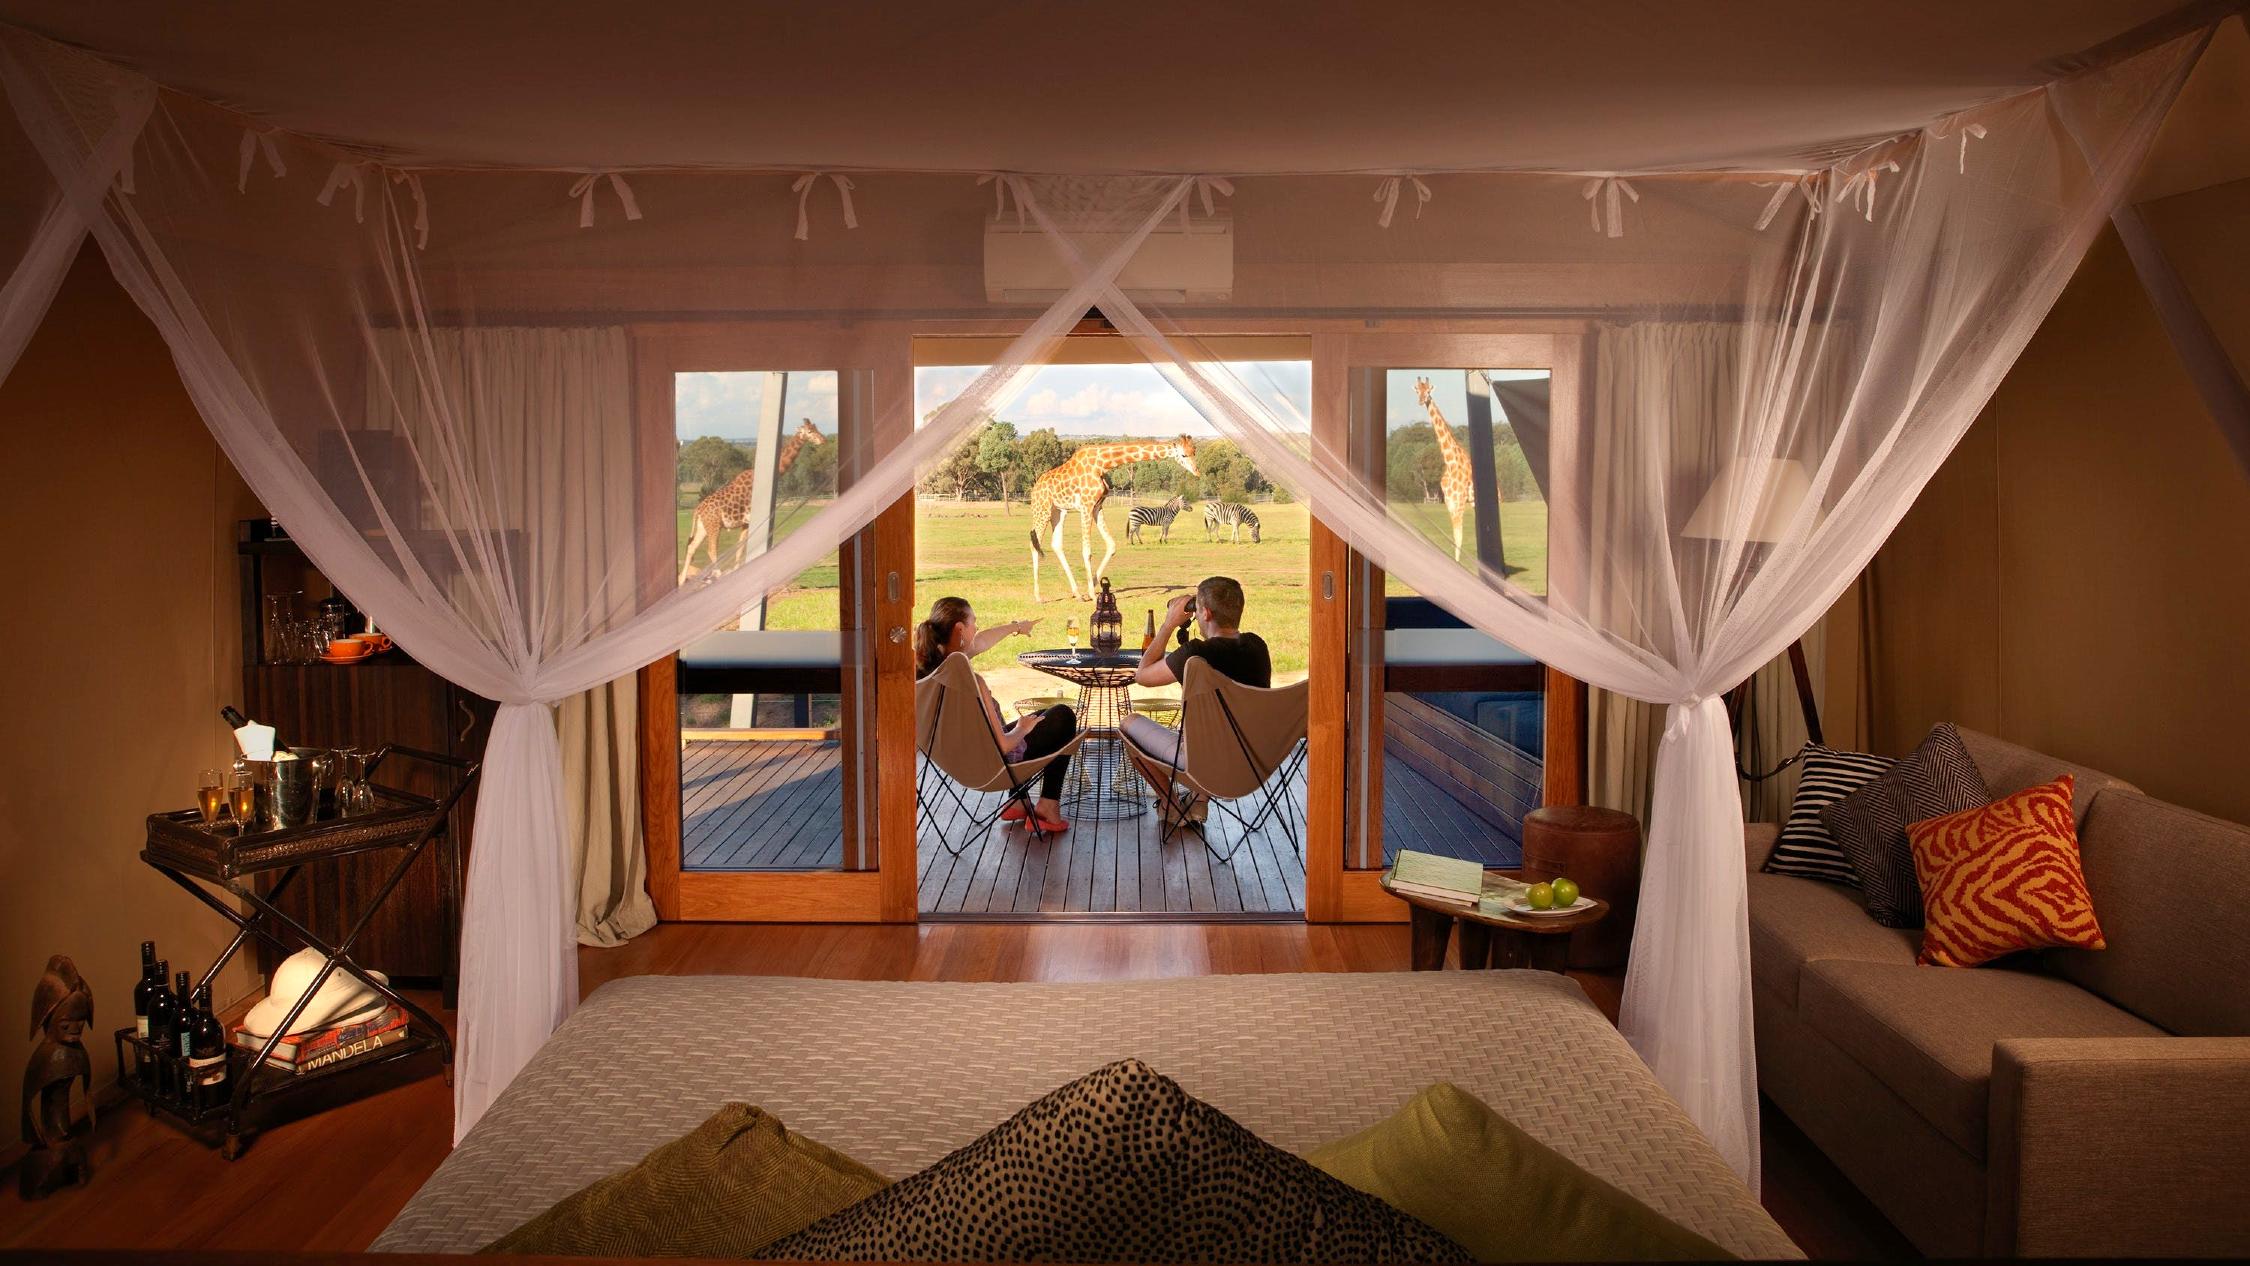 Zoofari Lodge Dubbo